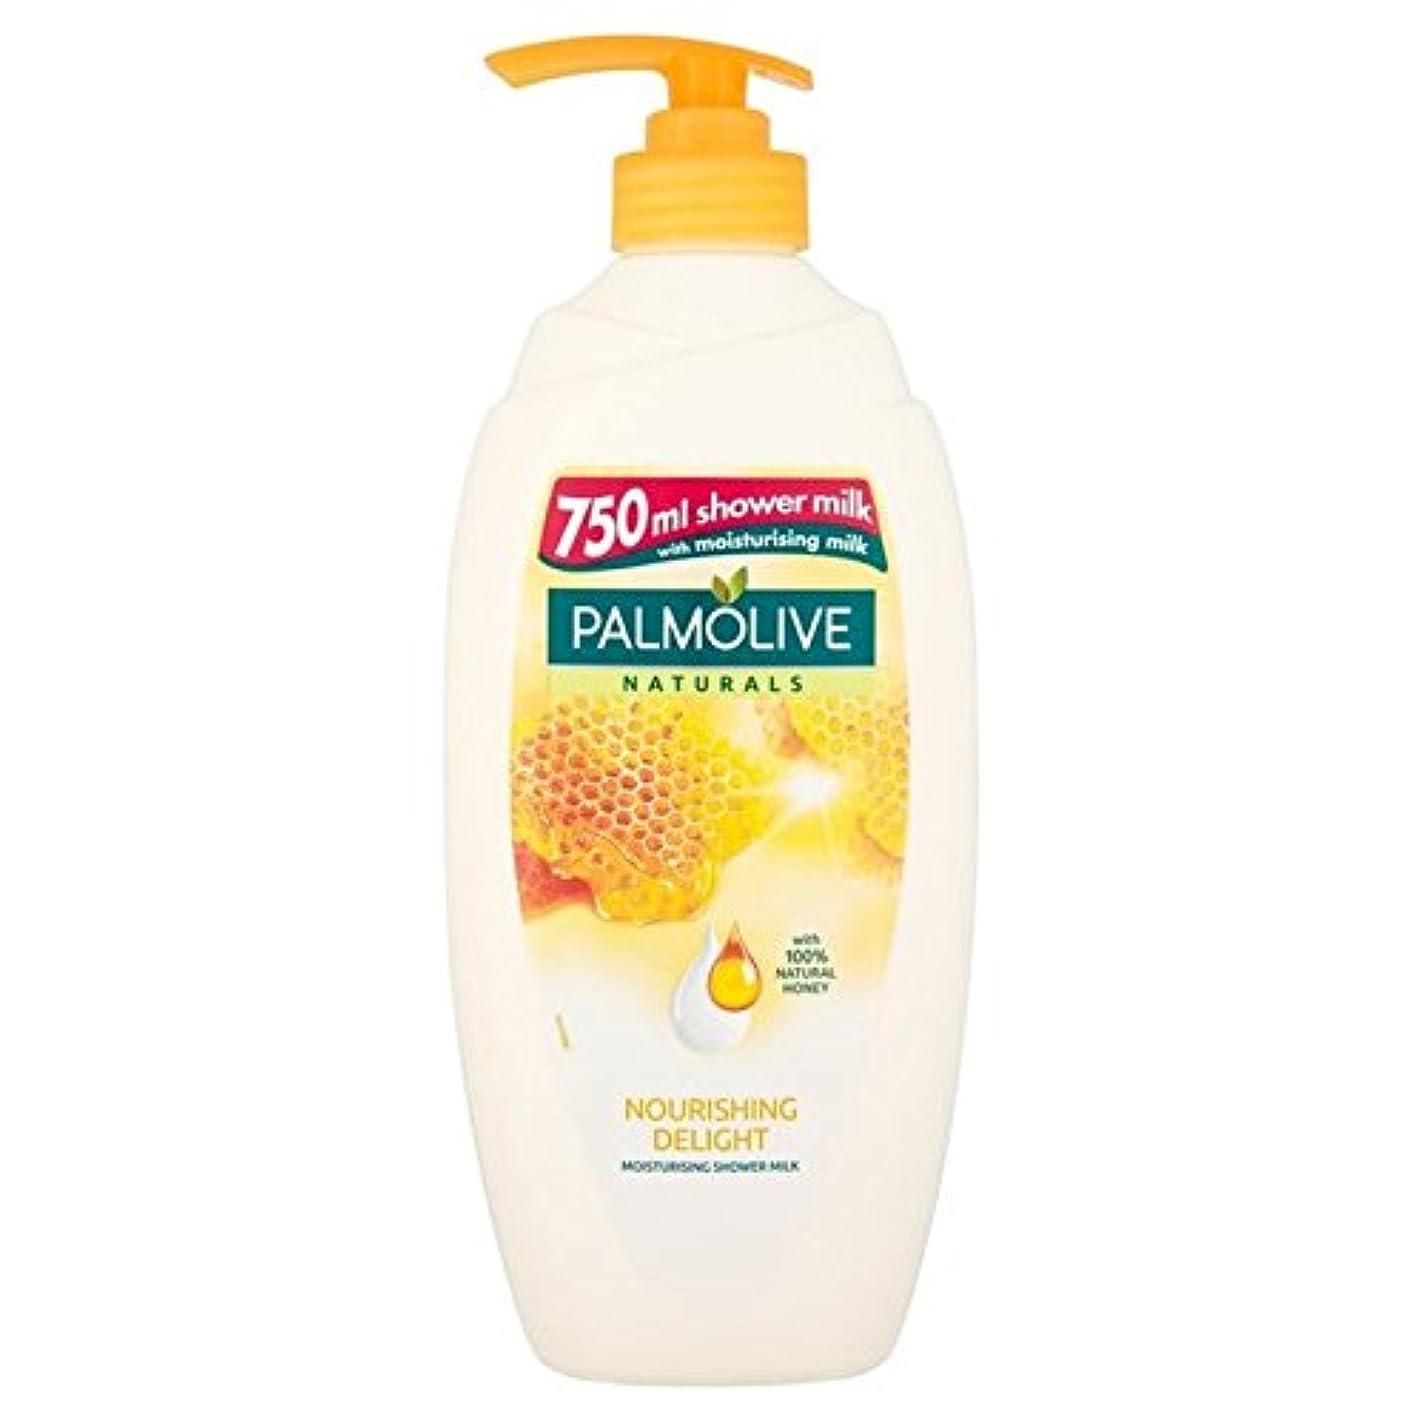 ラッカス同様のズームPalmolive Naturals Nourishing Shower Naturals Milk with Honey 750ml - 蜂蜜の750ミリリットルとシャワーナチュラルミルク栄養パルモライブナチュラル [...